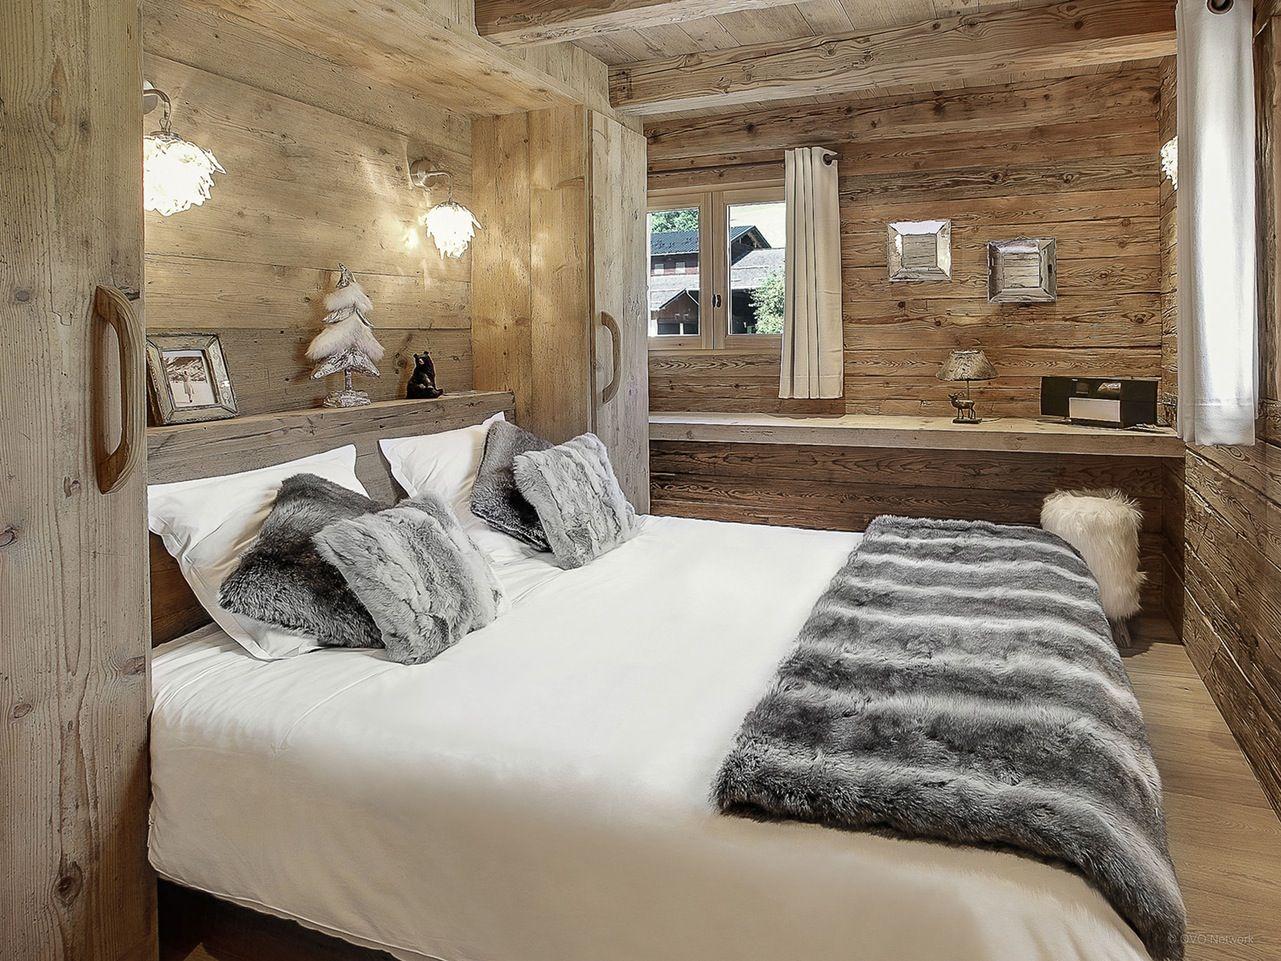 la clusaz superbe ferme amnage 12 personnes cinq chambres quatre salles de bains - Chambre Rustique Chic